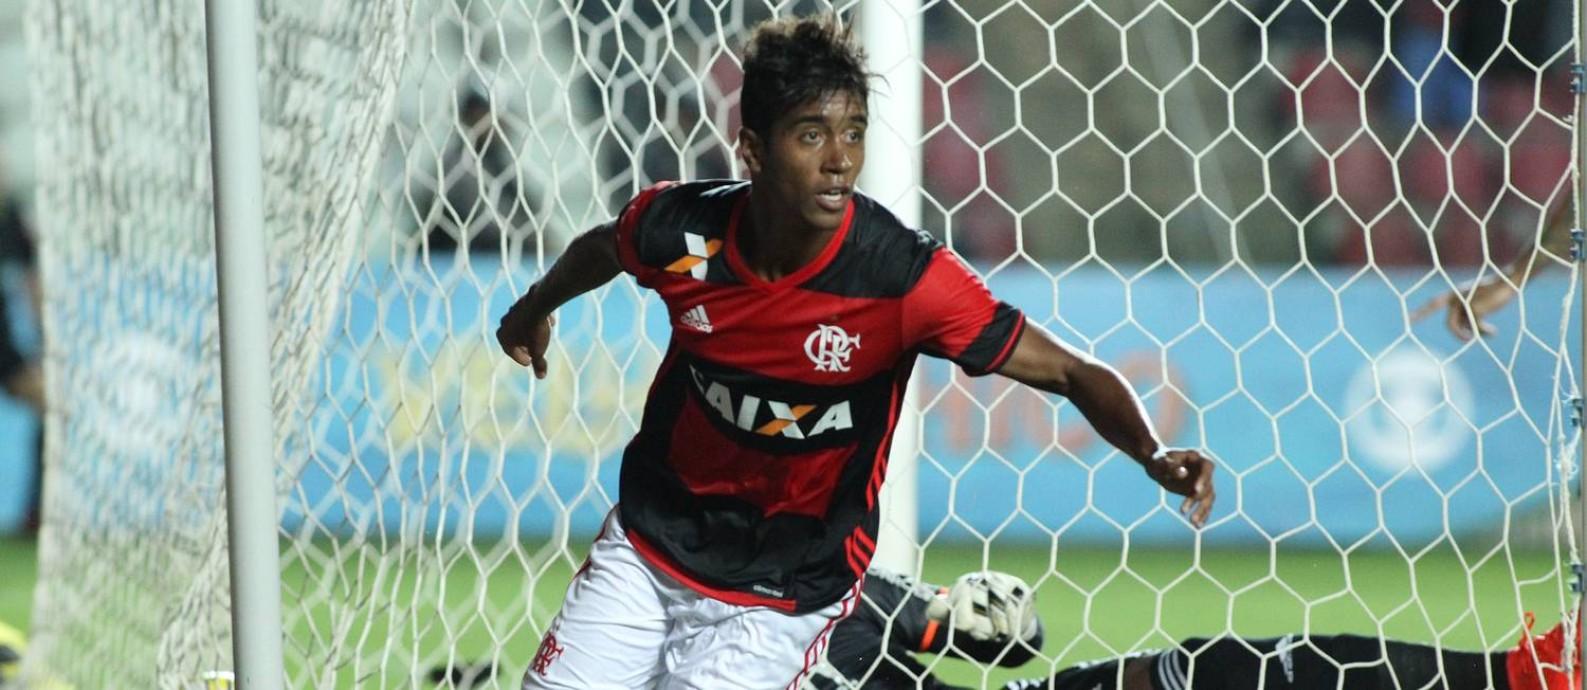 Criticado pela torcida, Gabriel abriu o placar para o Flamengo Foto: Gilvan de Souza / Flamengo